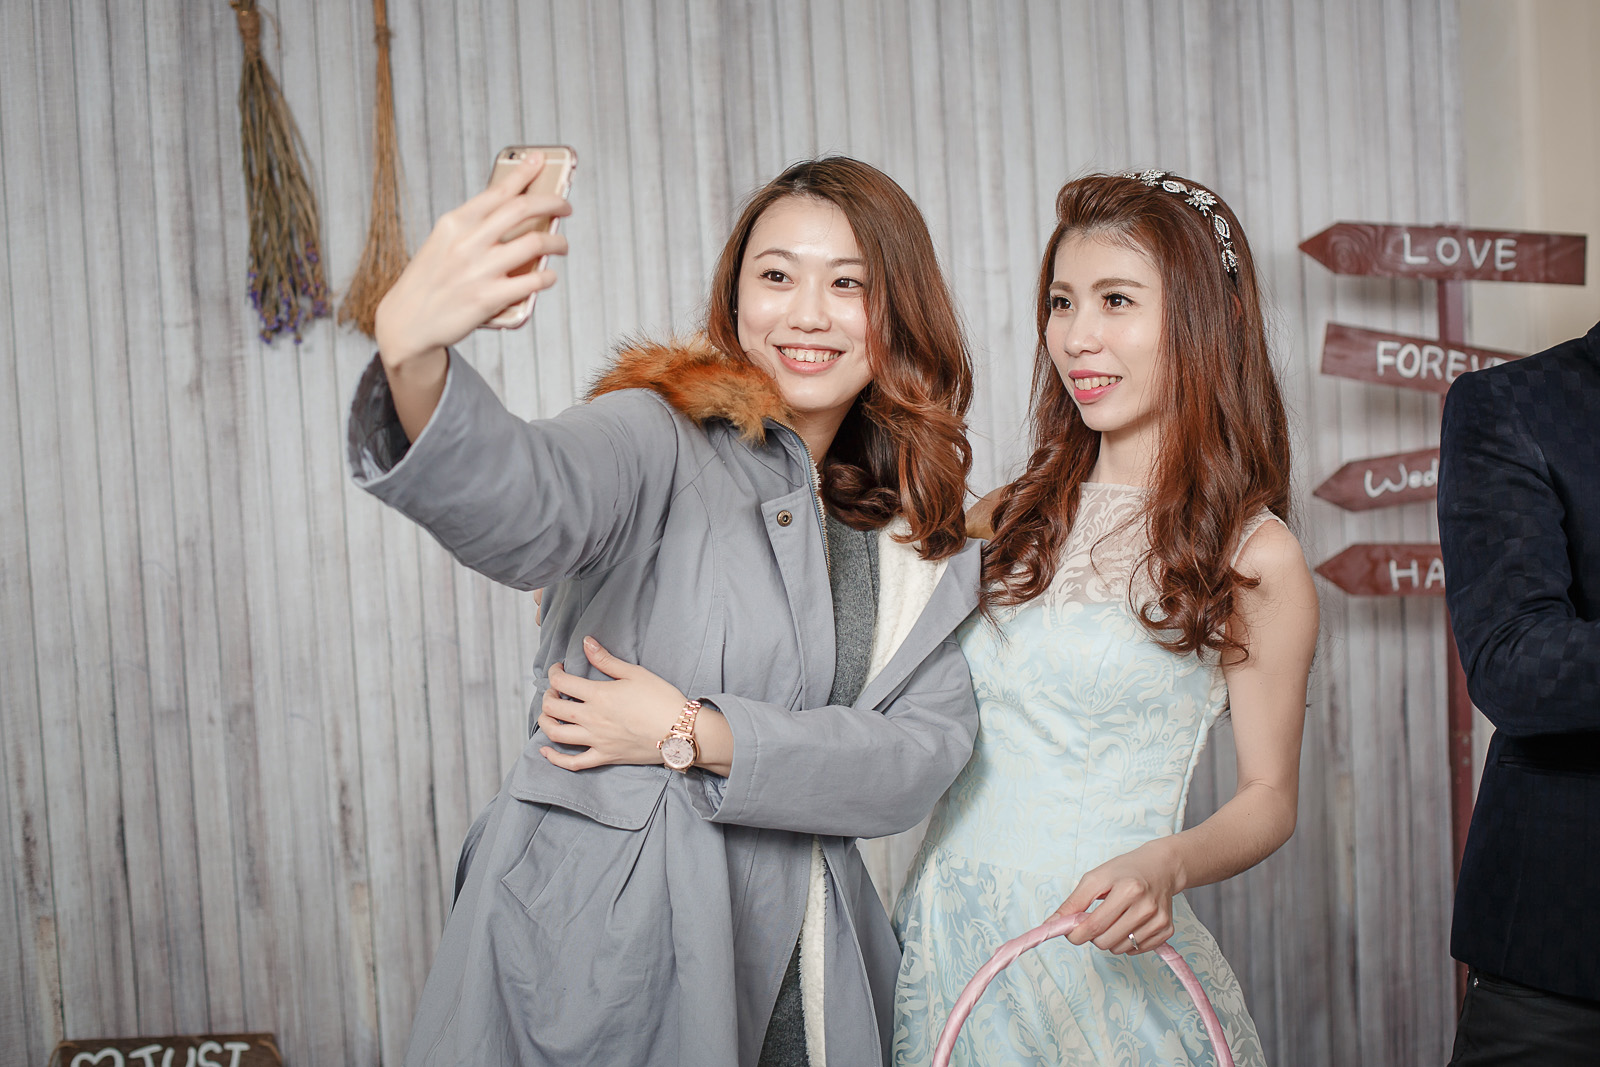 高雄圓山飯店,婚禮攝影,婚攝,高雄婚攝,優質婚攝推薦,Jen&Ethan-333